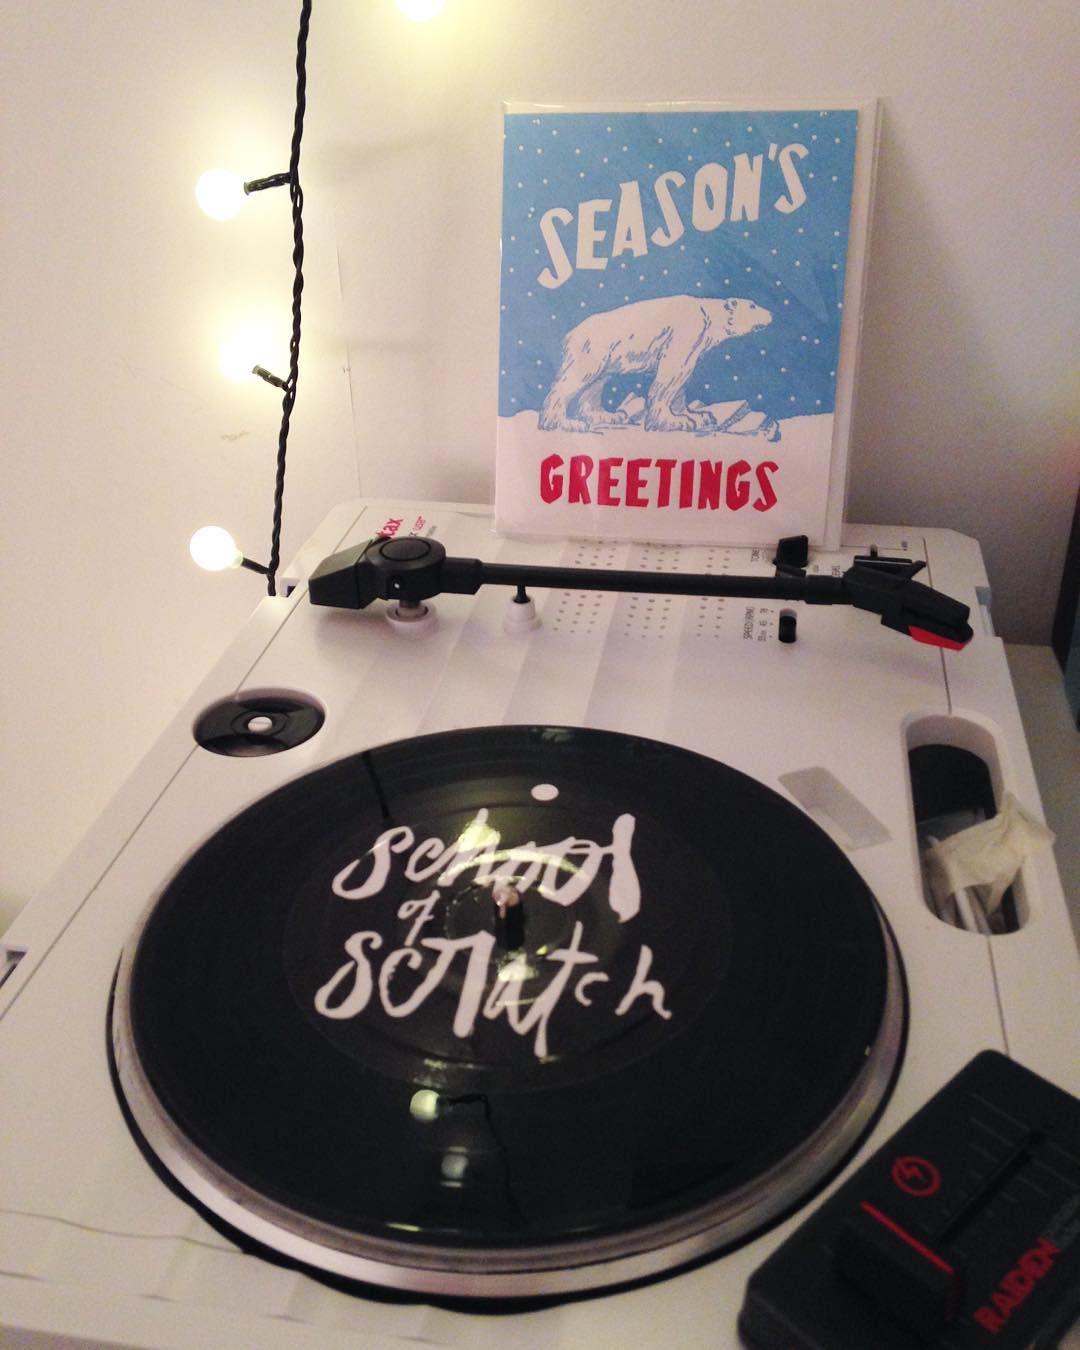 Seasons greetings from School of Scratch! It's getting festive up in here!  #Dj #skratch #skratching #scratch #scratching #turntablism #turntablist #technics #vinyl #polarbear by schoolofscratch http://ift.tt/1HNGVsC